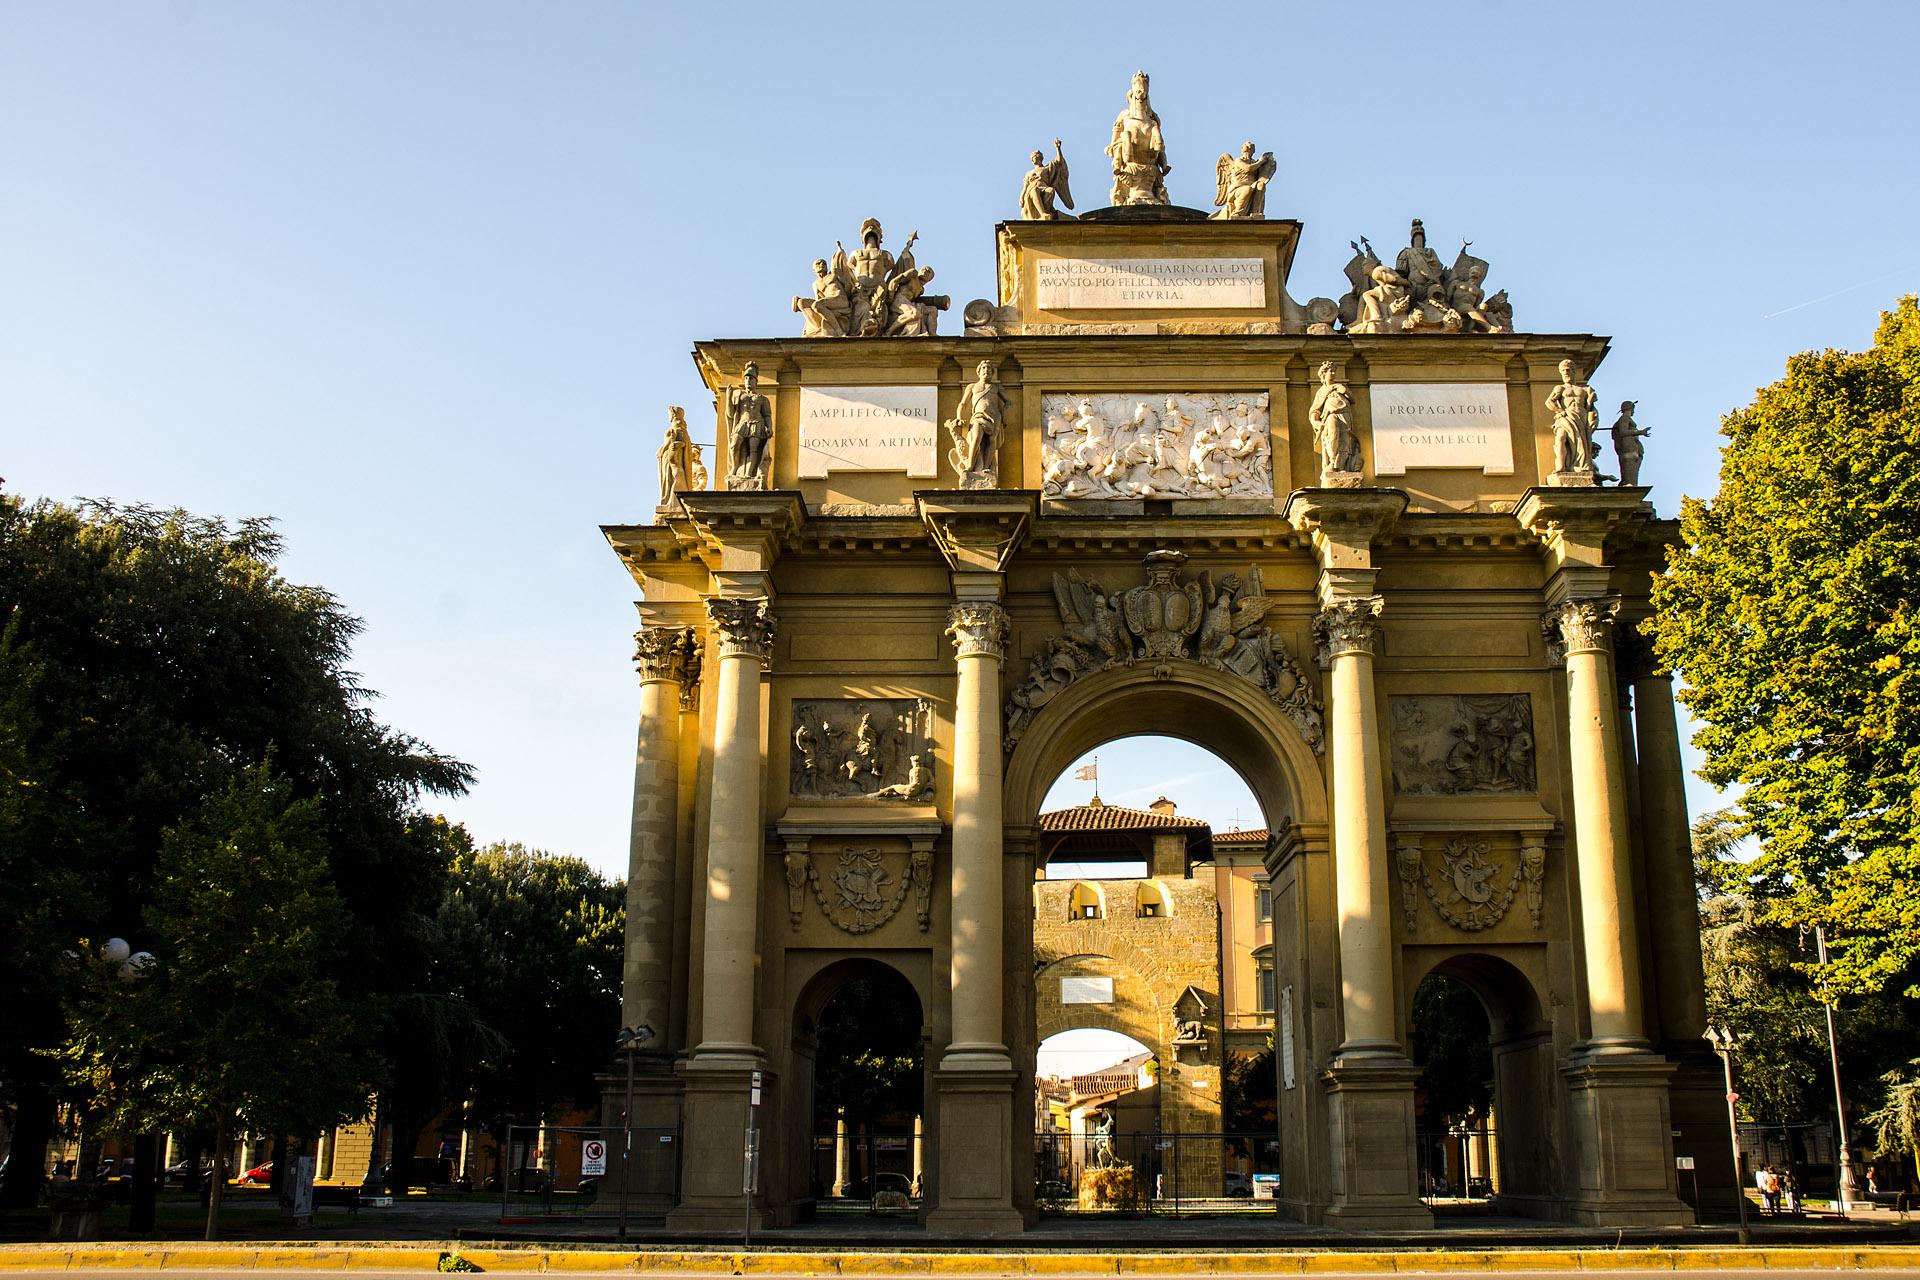 Triumphal Arch of the Lorraine (Piazza della Liberta)